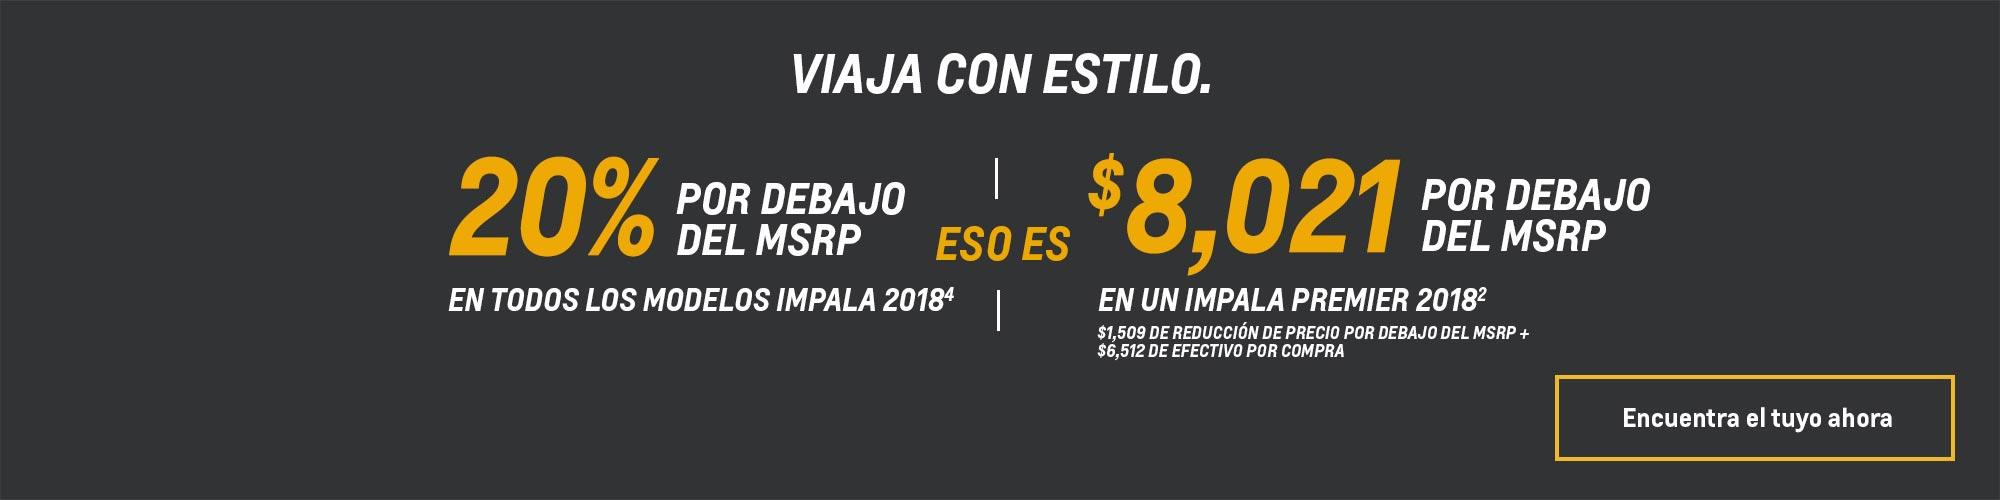 Ofertas de Chevy: Impala 2018 - 20% por debajo del MSRP